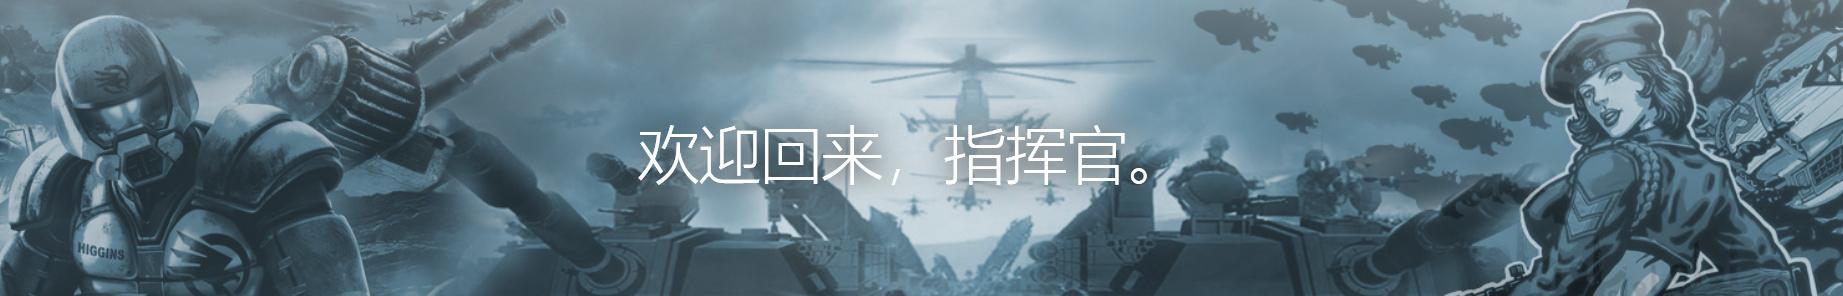 用户_029824 banner